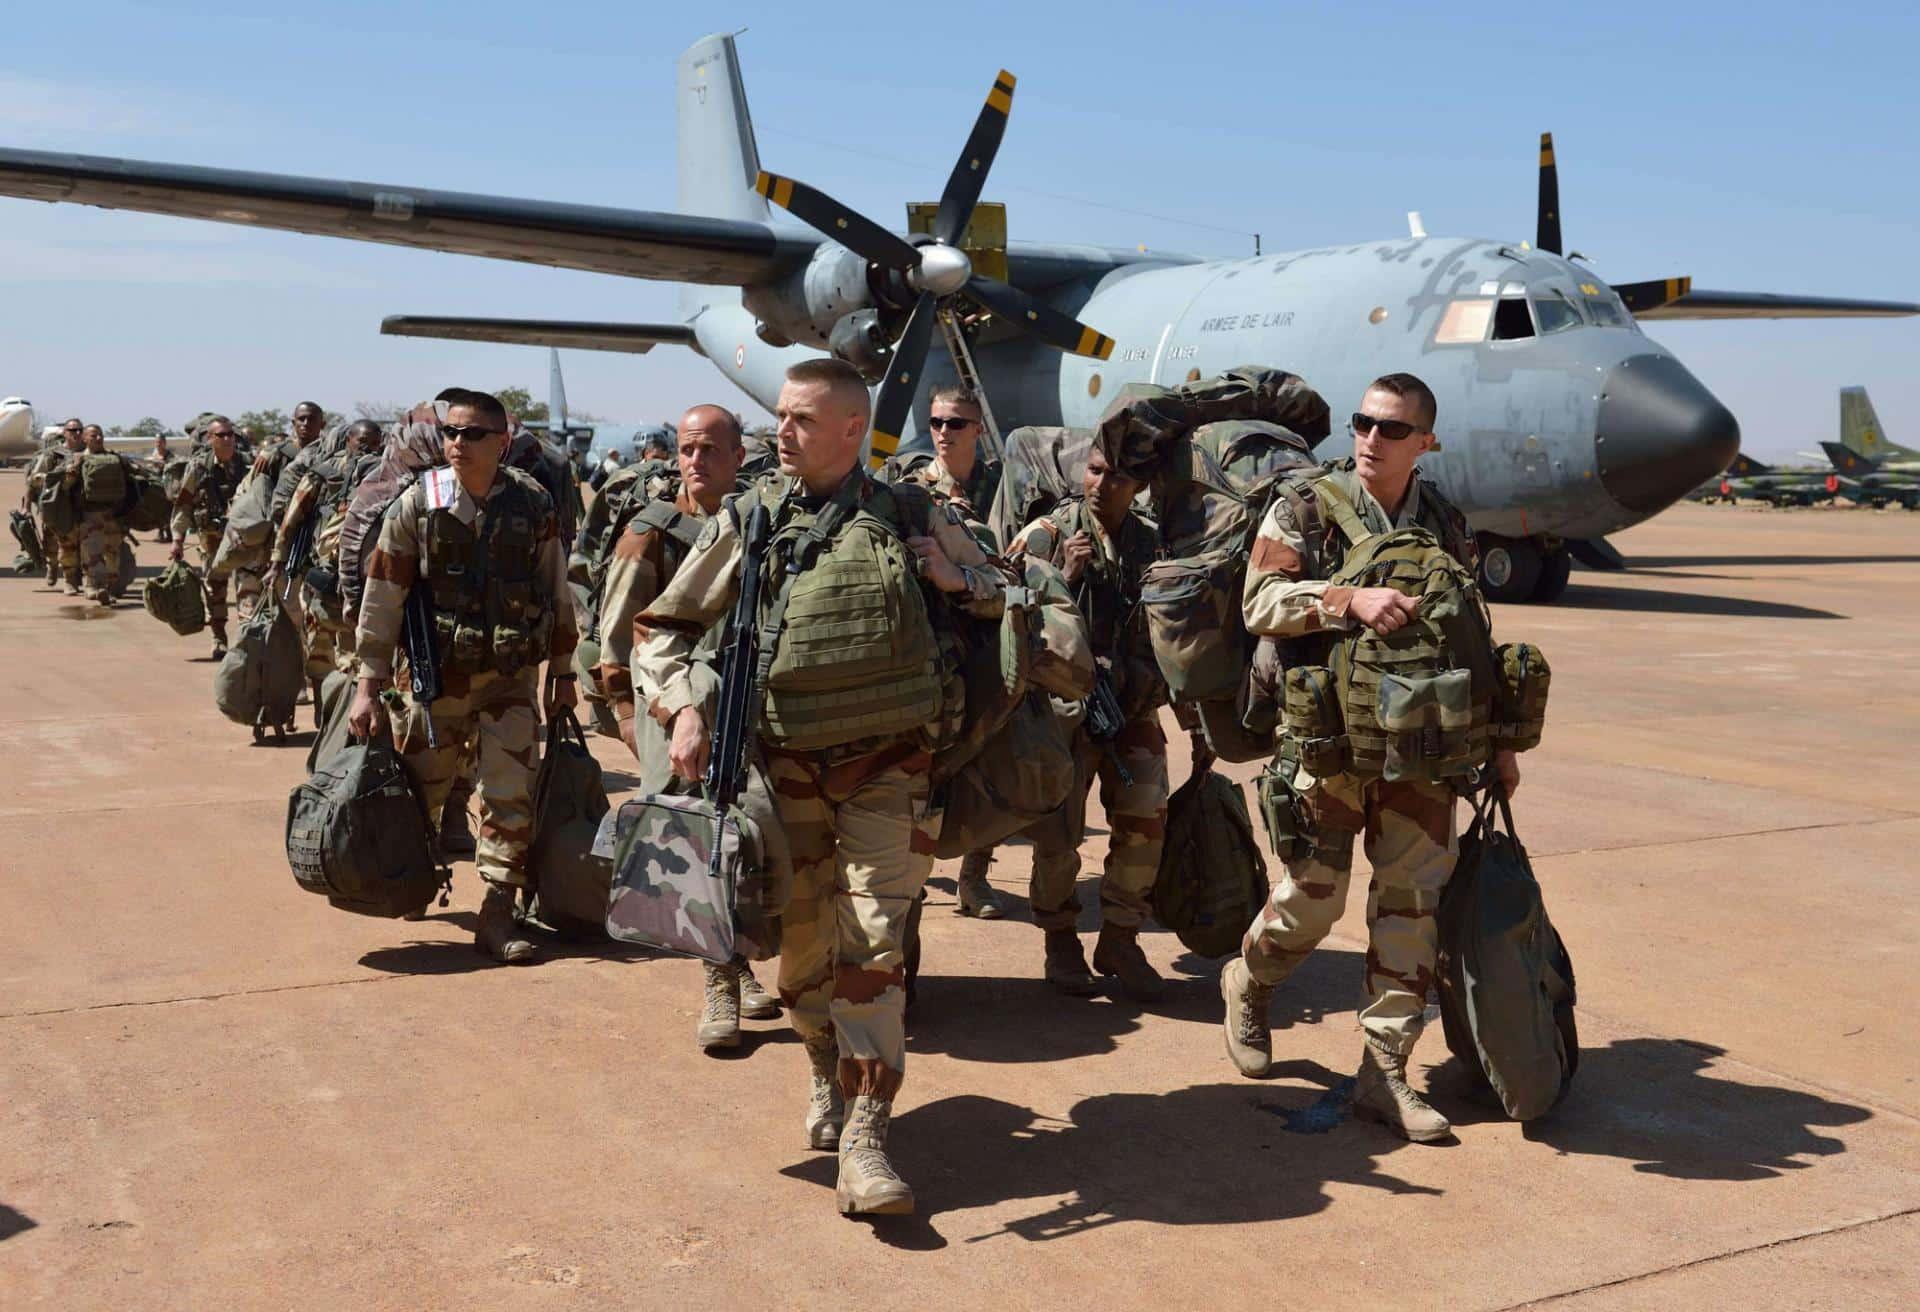 الإمارات تسير رحلات دعم لوجستي جوية لقوات تقودها فرنسا في دول الساحل الأفريقي